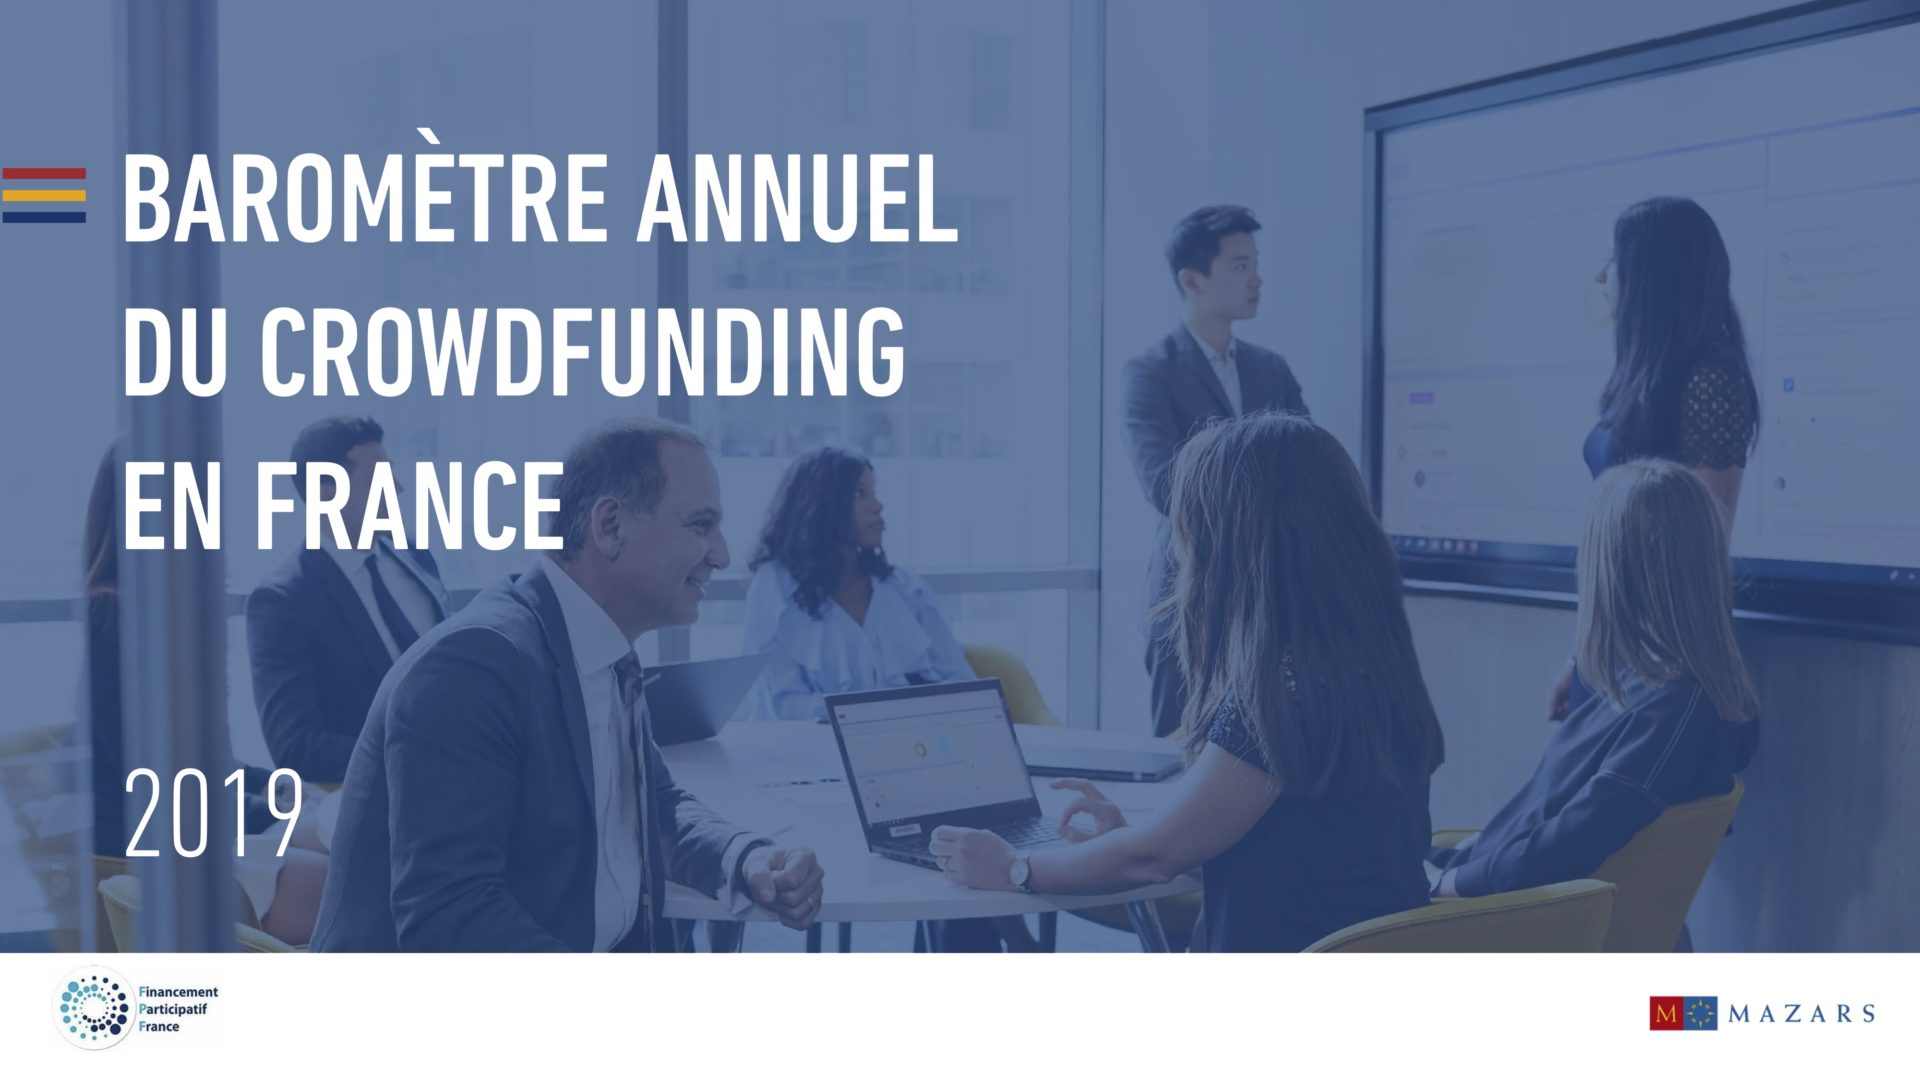 Baromètre 2019 du financement participatif – des chiffres toujours encourageant.